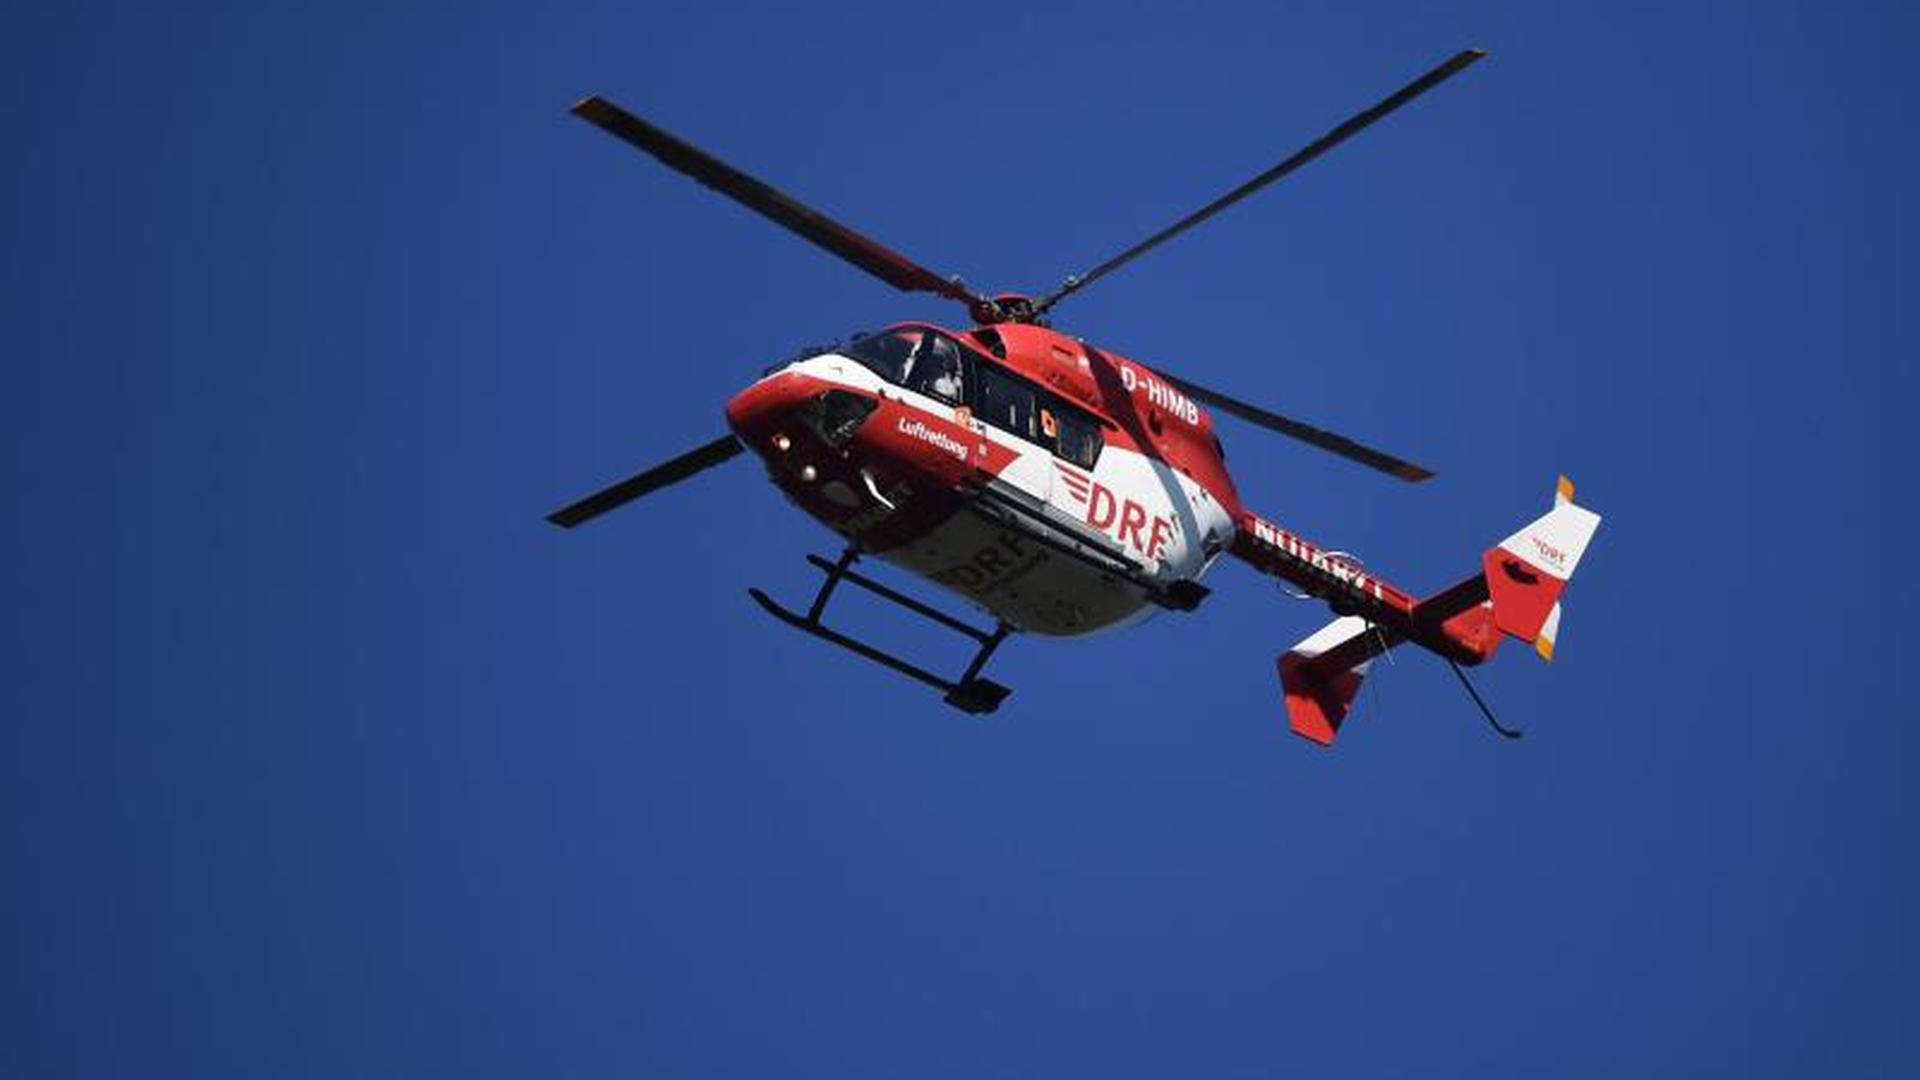 Rettungshubschrauber fliegt durch die Luft